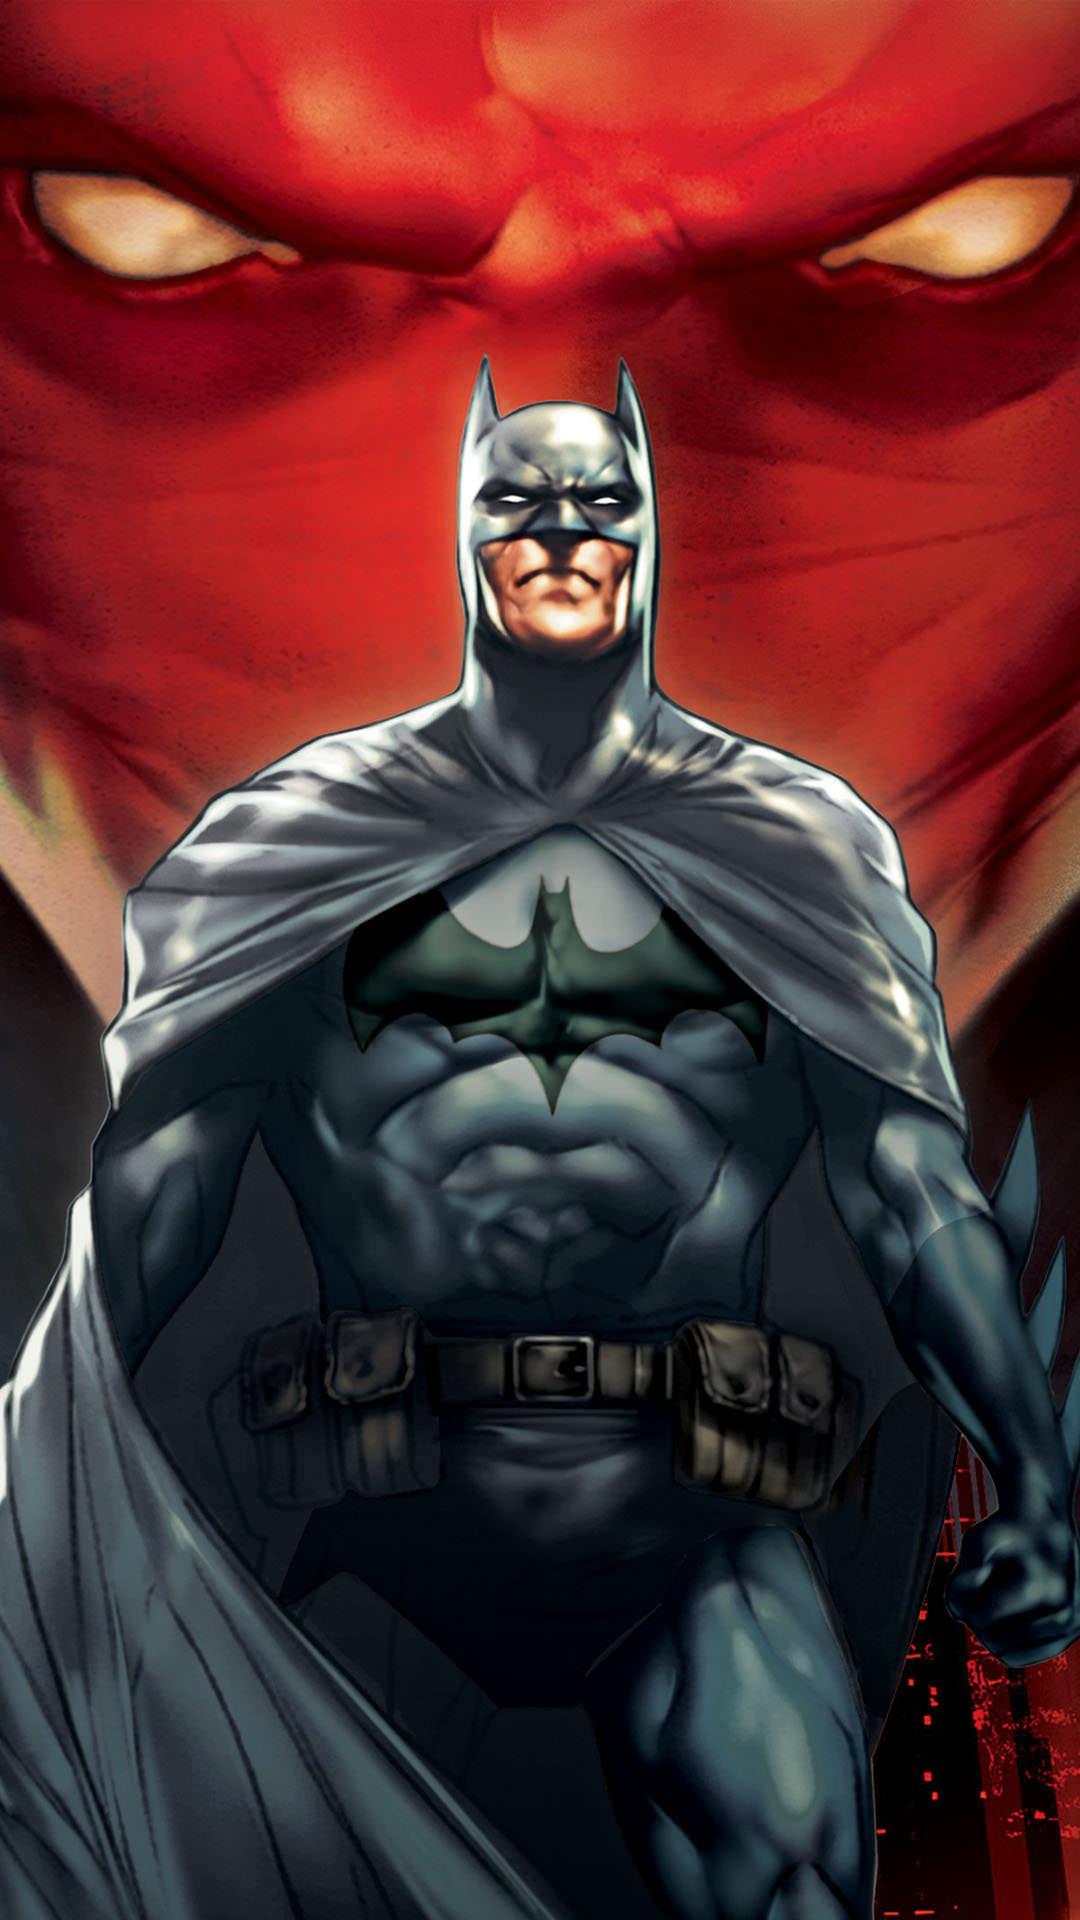 25+ Best Batman iPhone Wallpapers - Templatefor